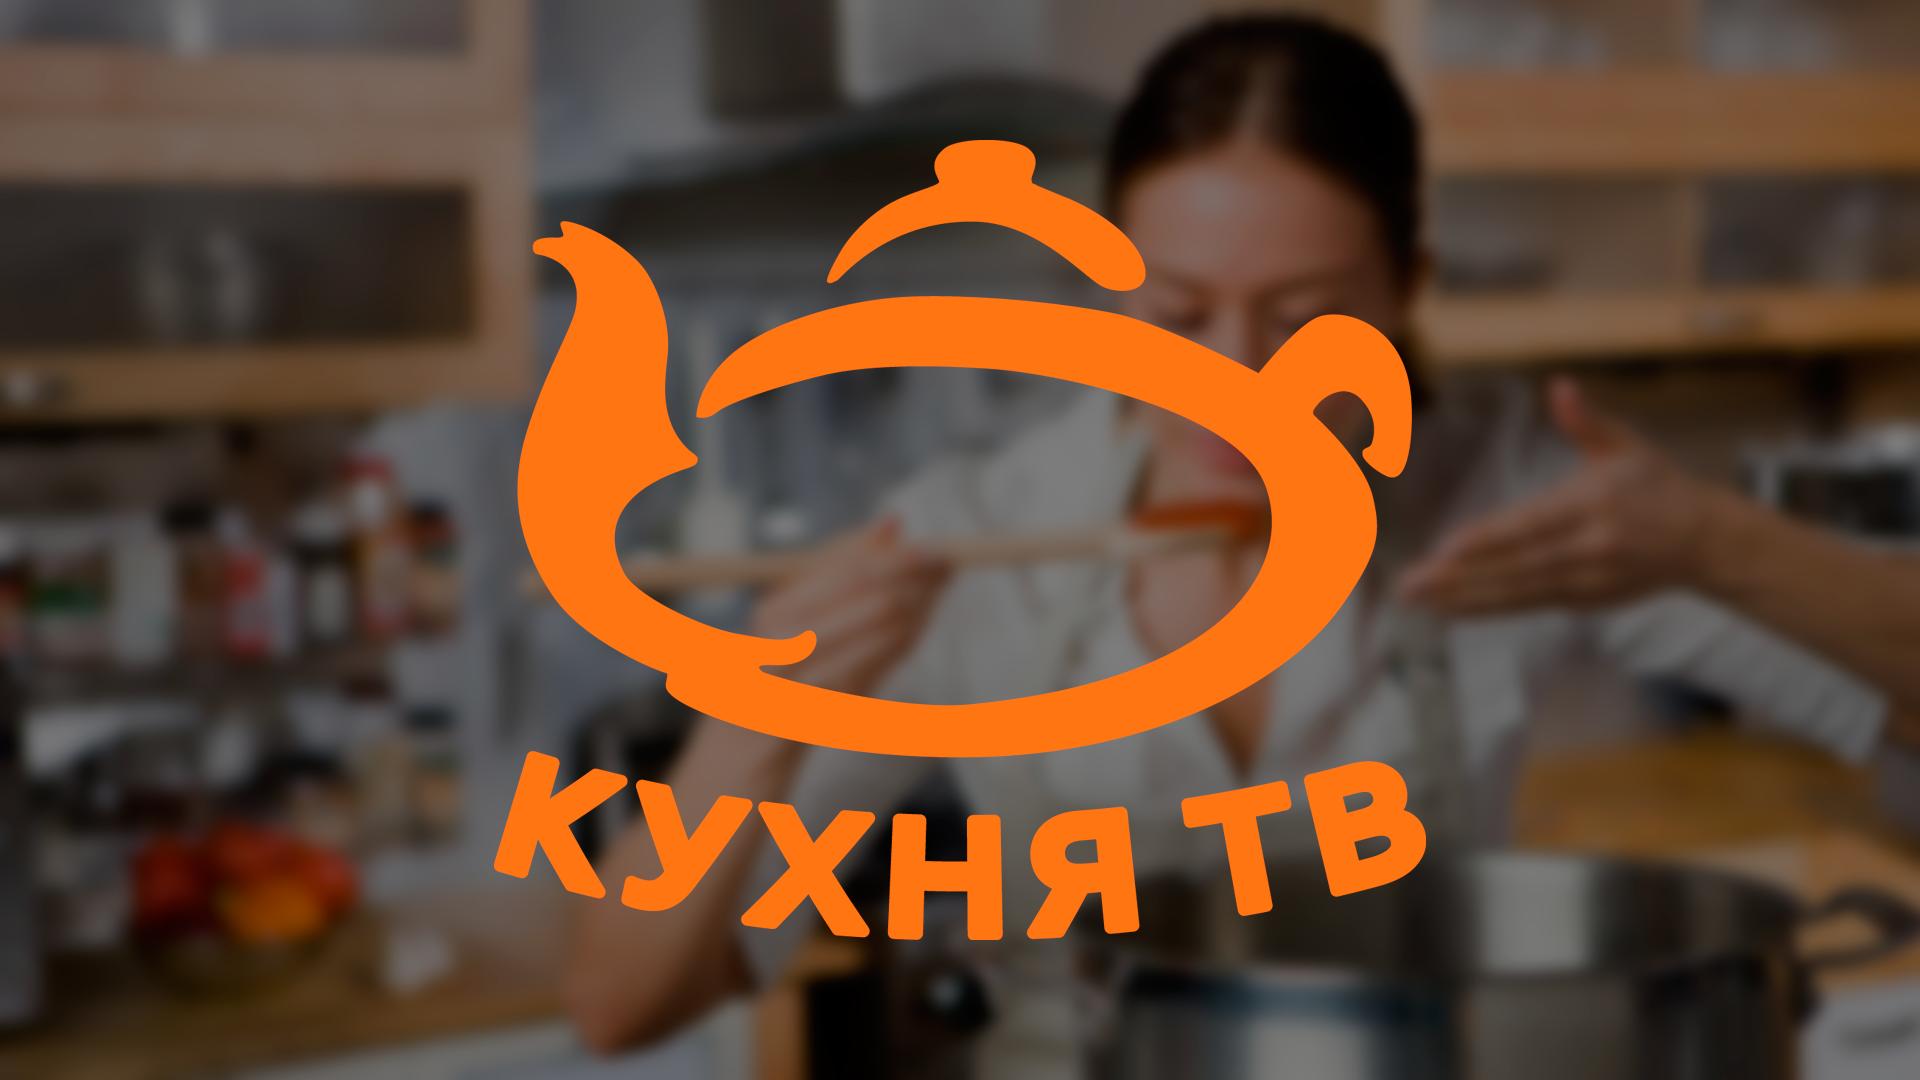 Кухня ТВ HD